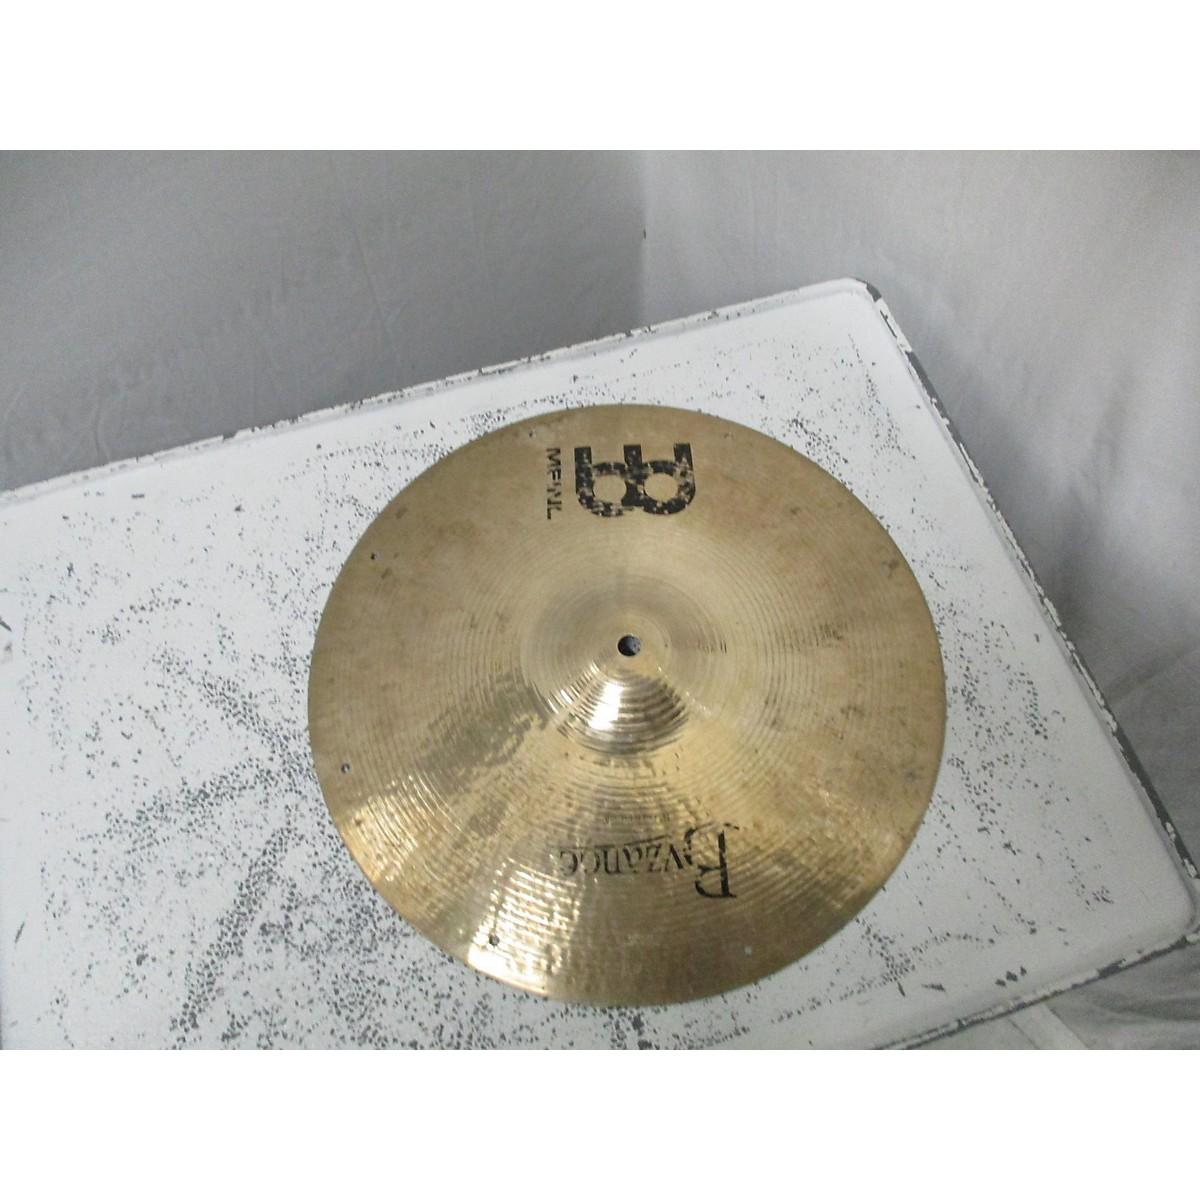 Meinl 14in Meinl Byzance Fast Hi-Hat Brilliant Cymbal